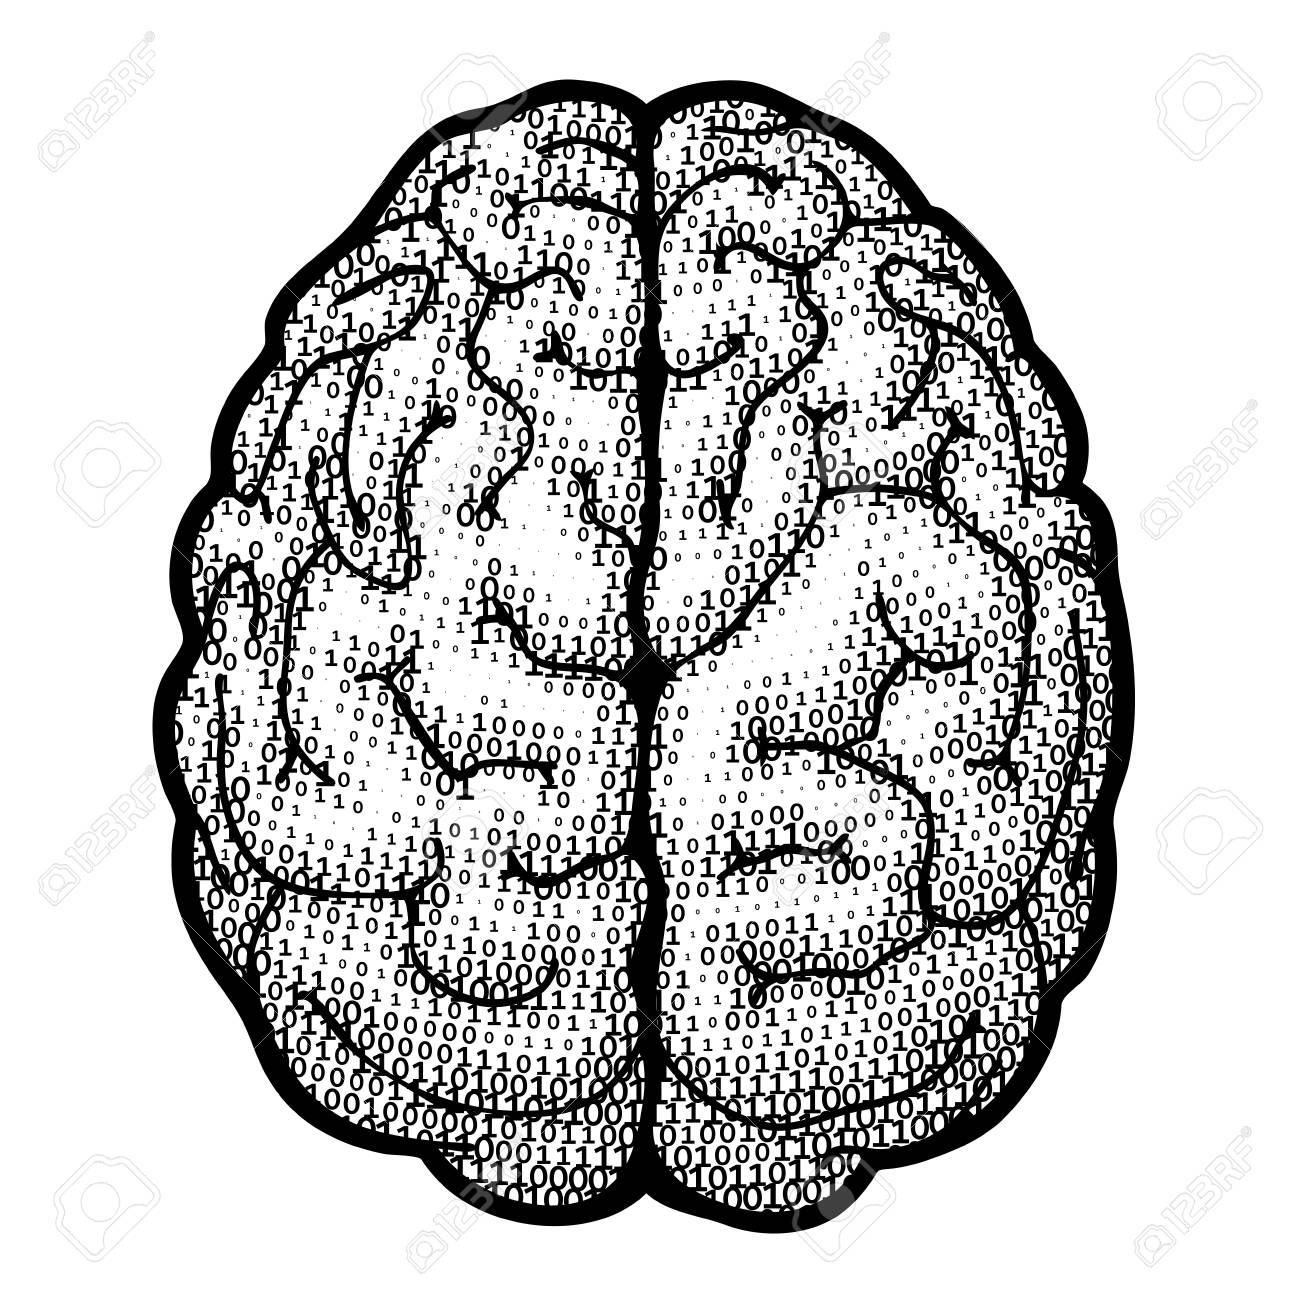 Top Blick Gehirn Bestehen Aus Binären Codes. Eps8. CMYK. Organisiert ...